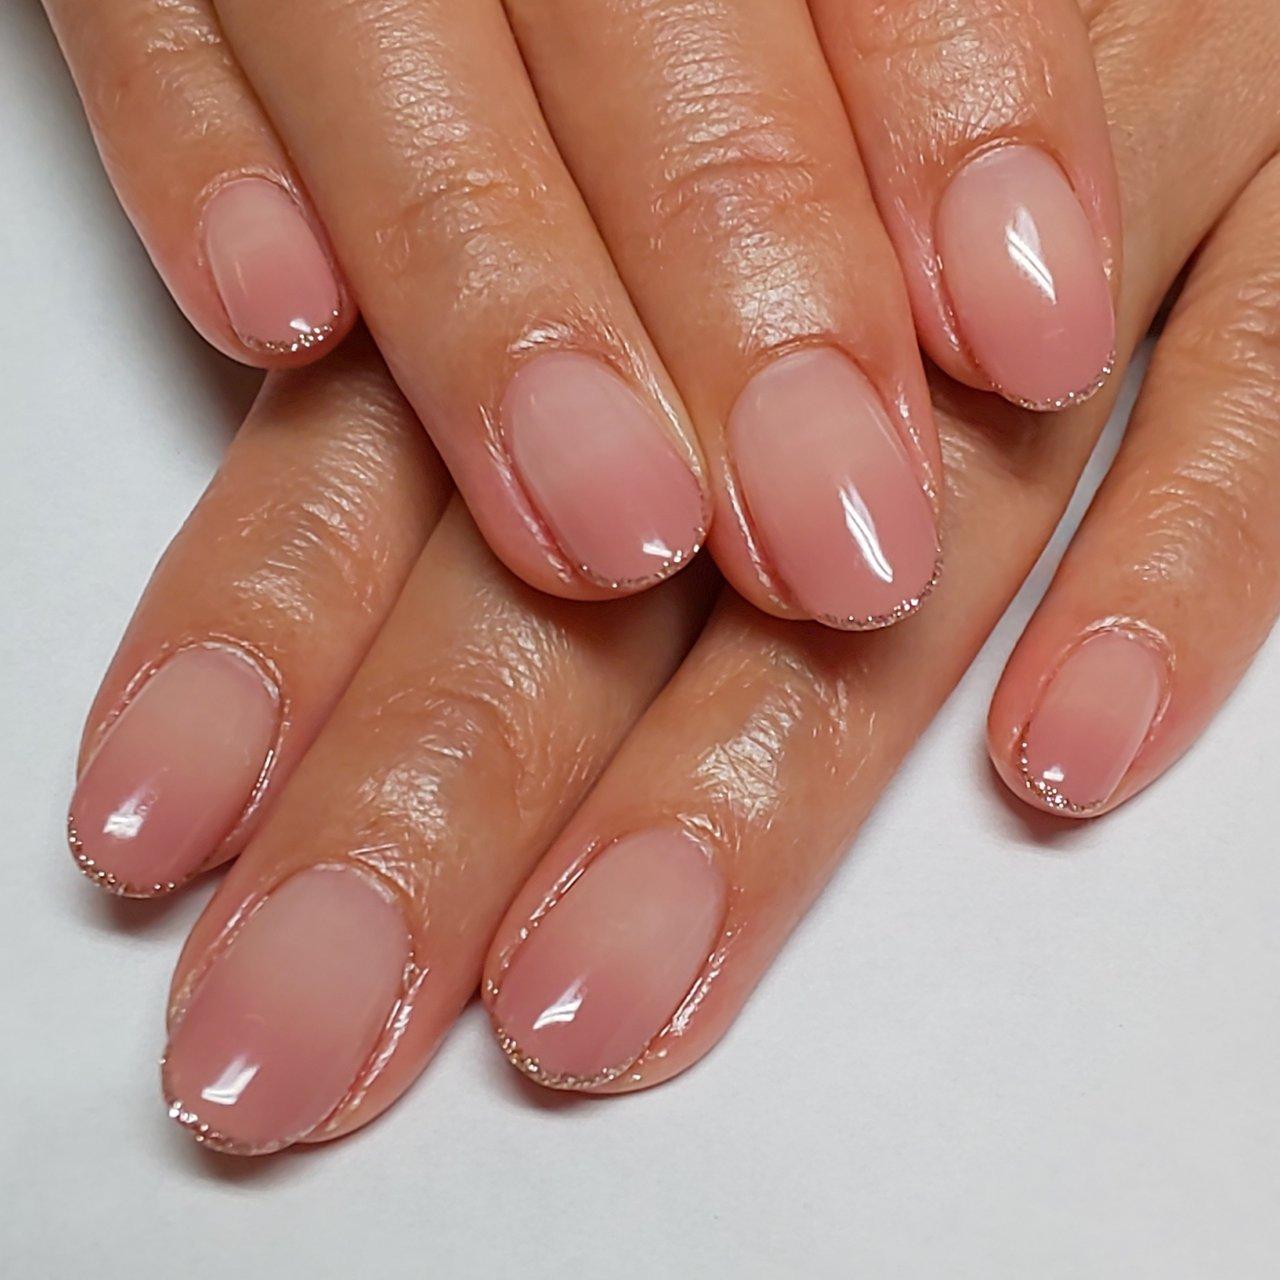 くすみピンクのグラデーションに、肌なじみの良いピンクゴールドのラメライン✨ 指を動かす度にさりげなくキラキラするラメラインは、可愛いだけでなくても綺麗に見せてくれます(^^) #オフィス #シンプル #グラデーション #ラメ #コチネイル #ネイルブック